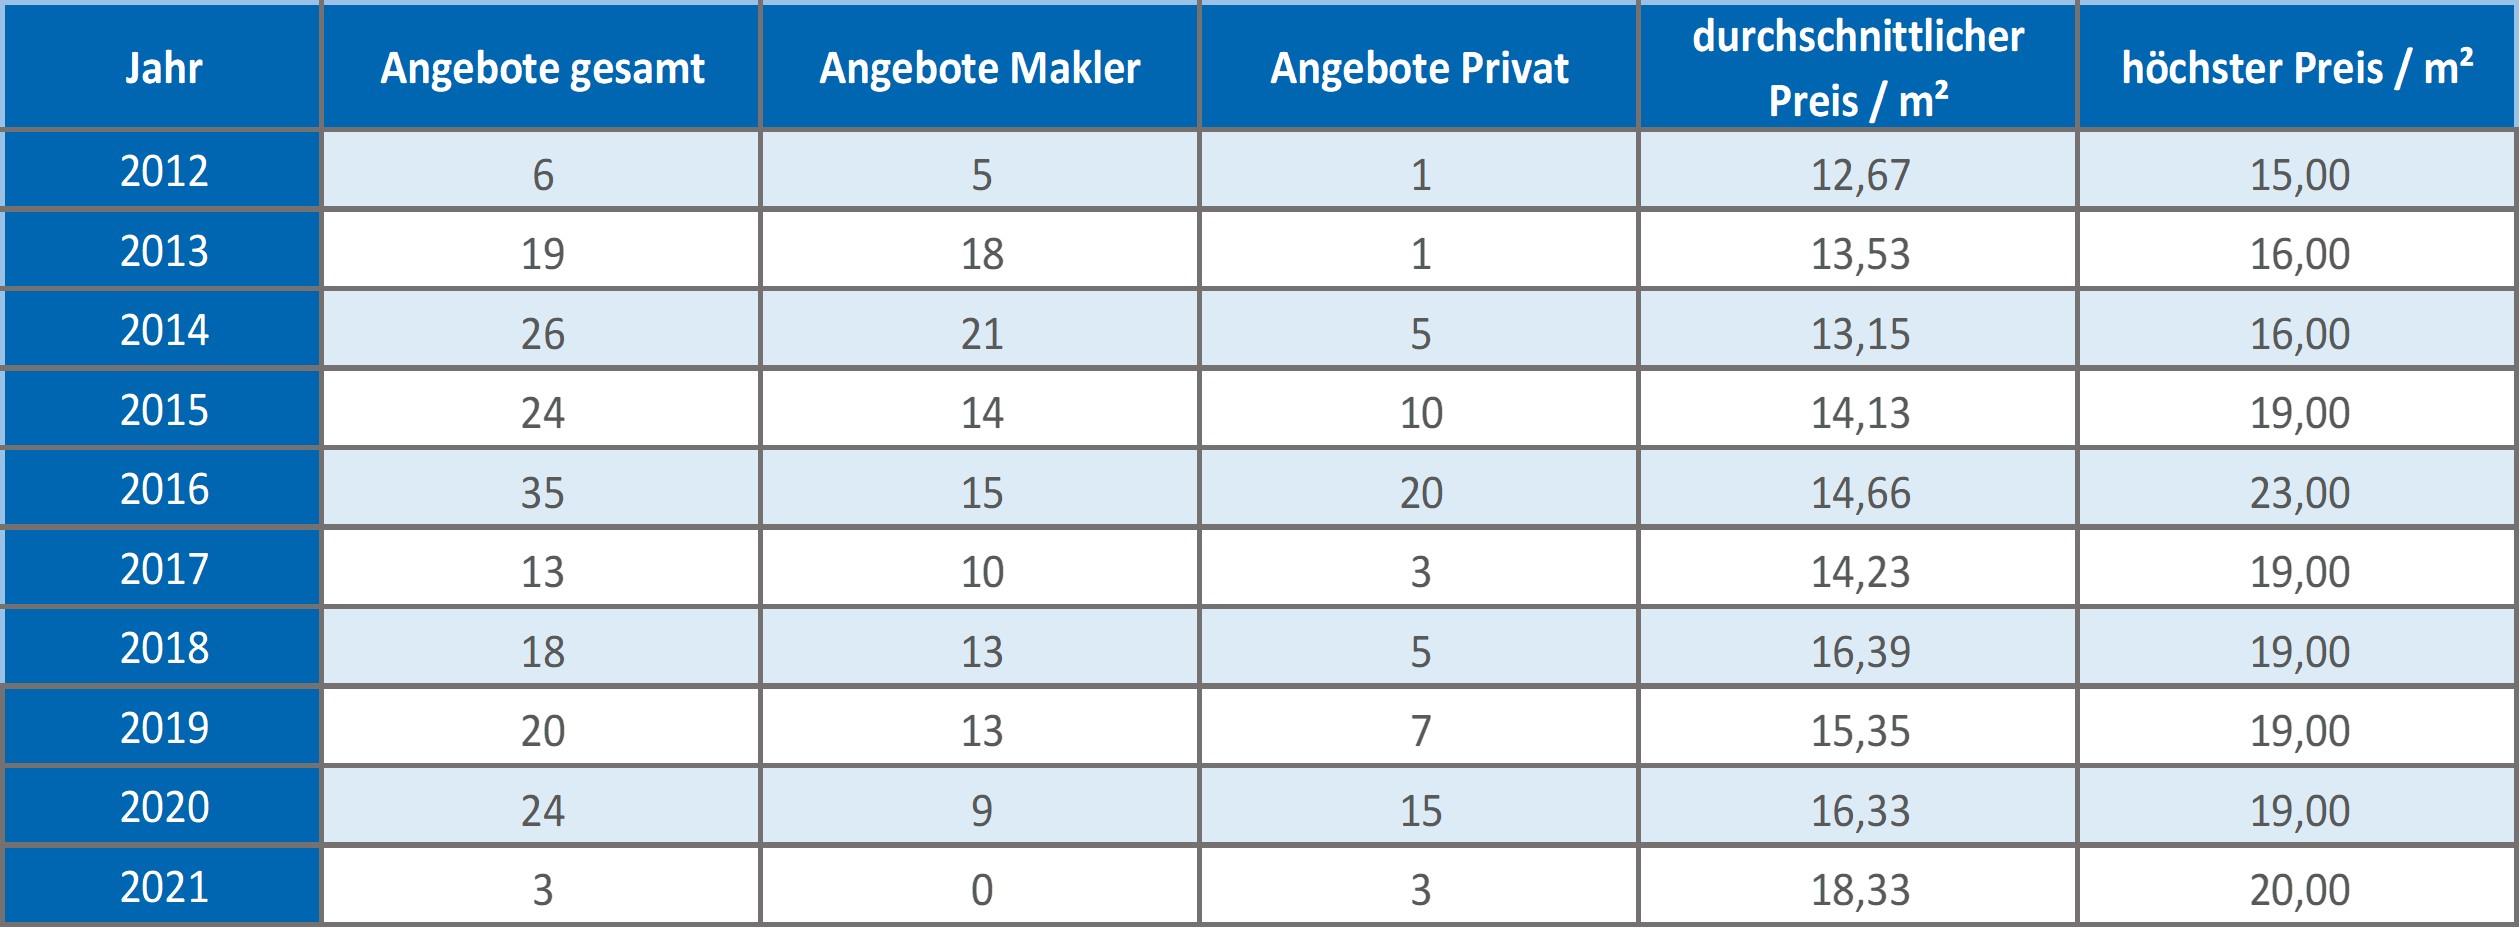 Baierbrunn Makler Wohnung mieten vermieten Preis Bewertung 2019, 2020, 2021